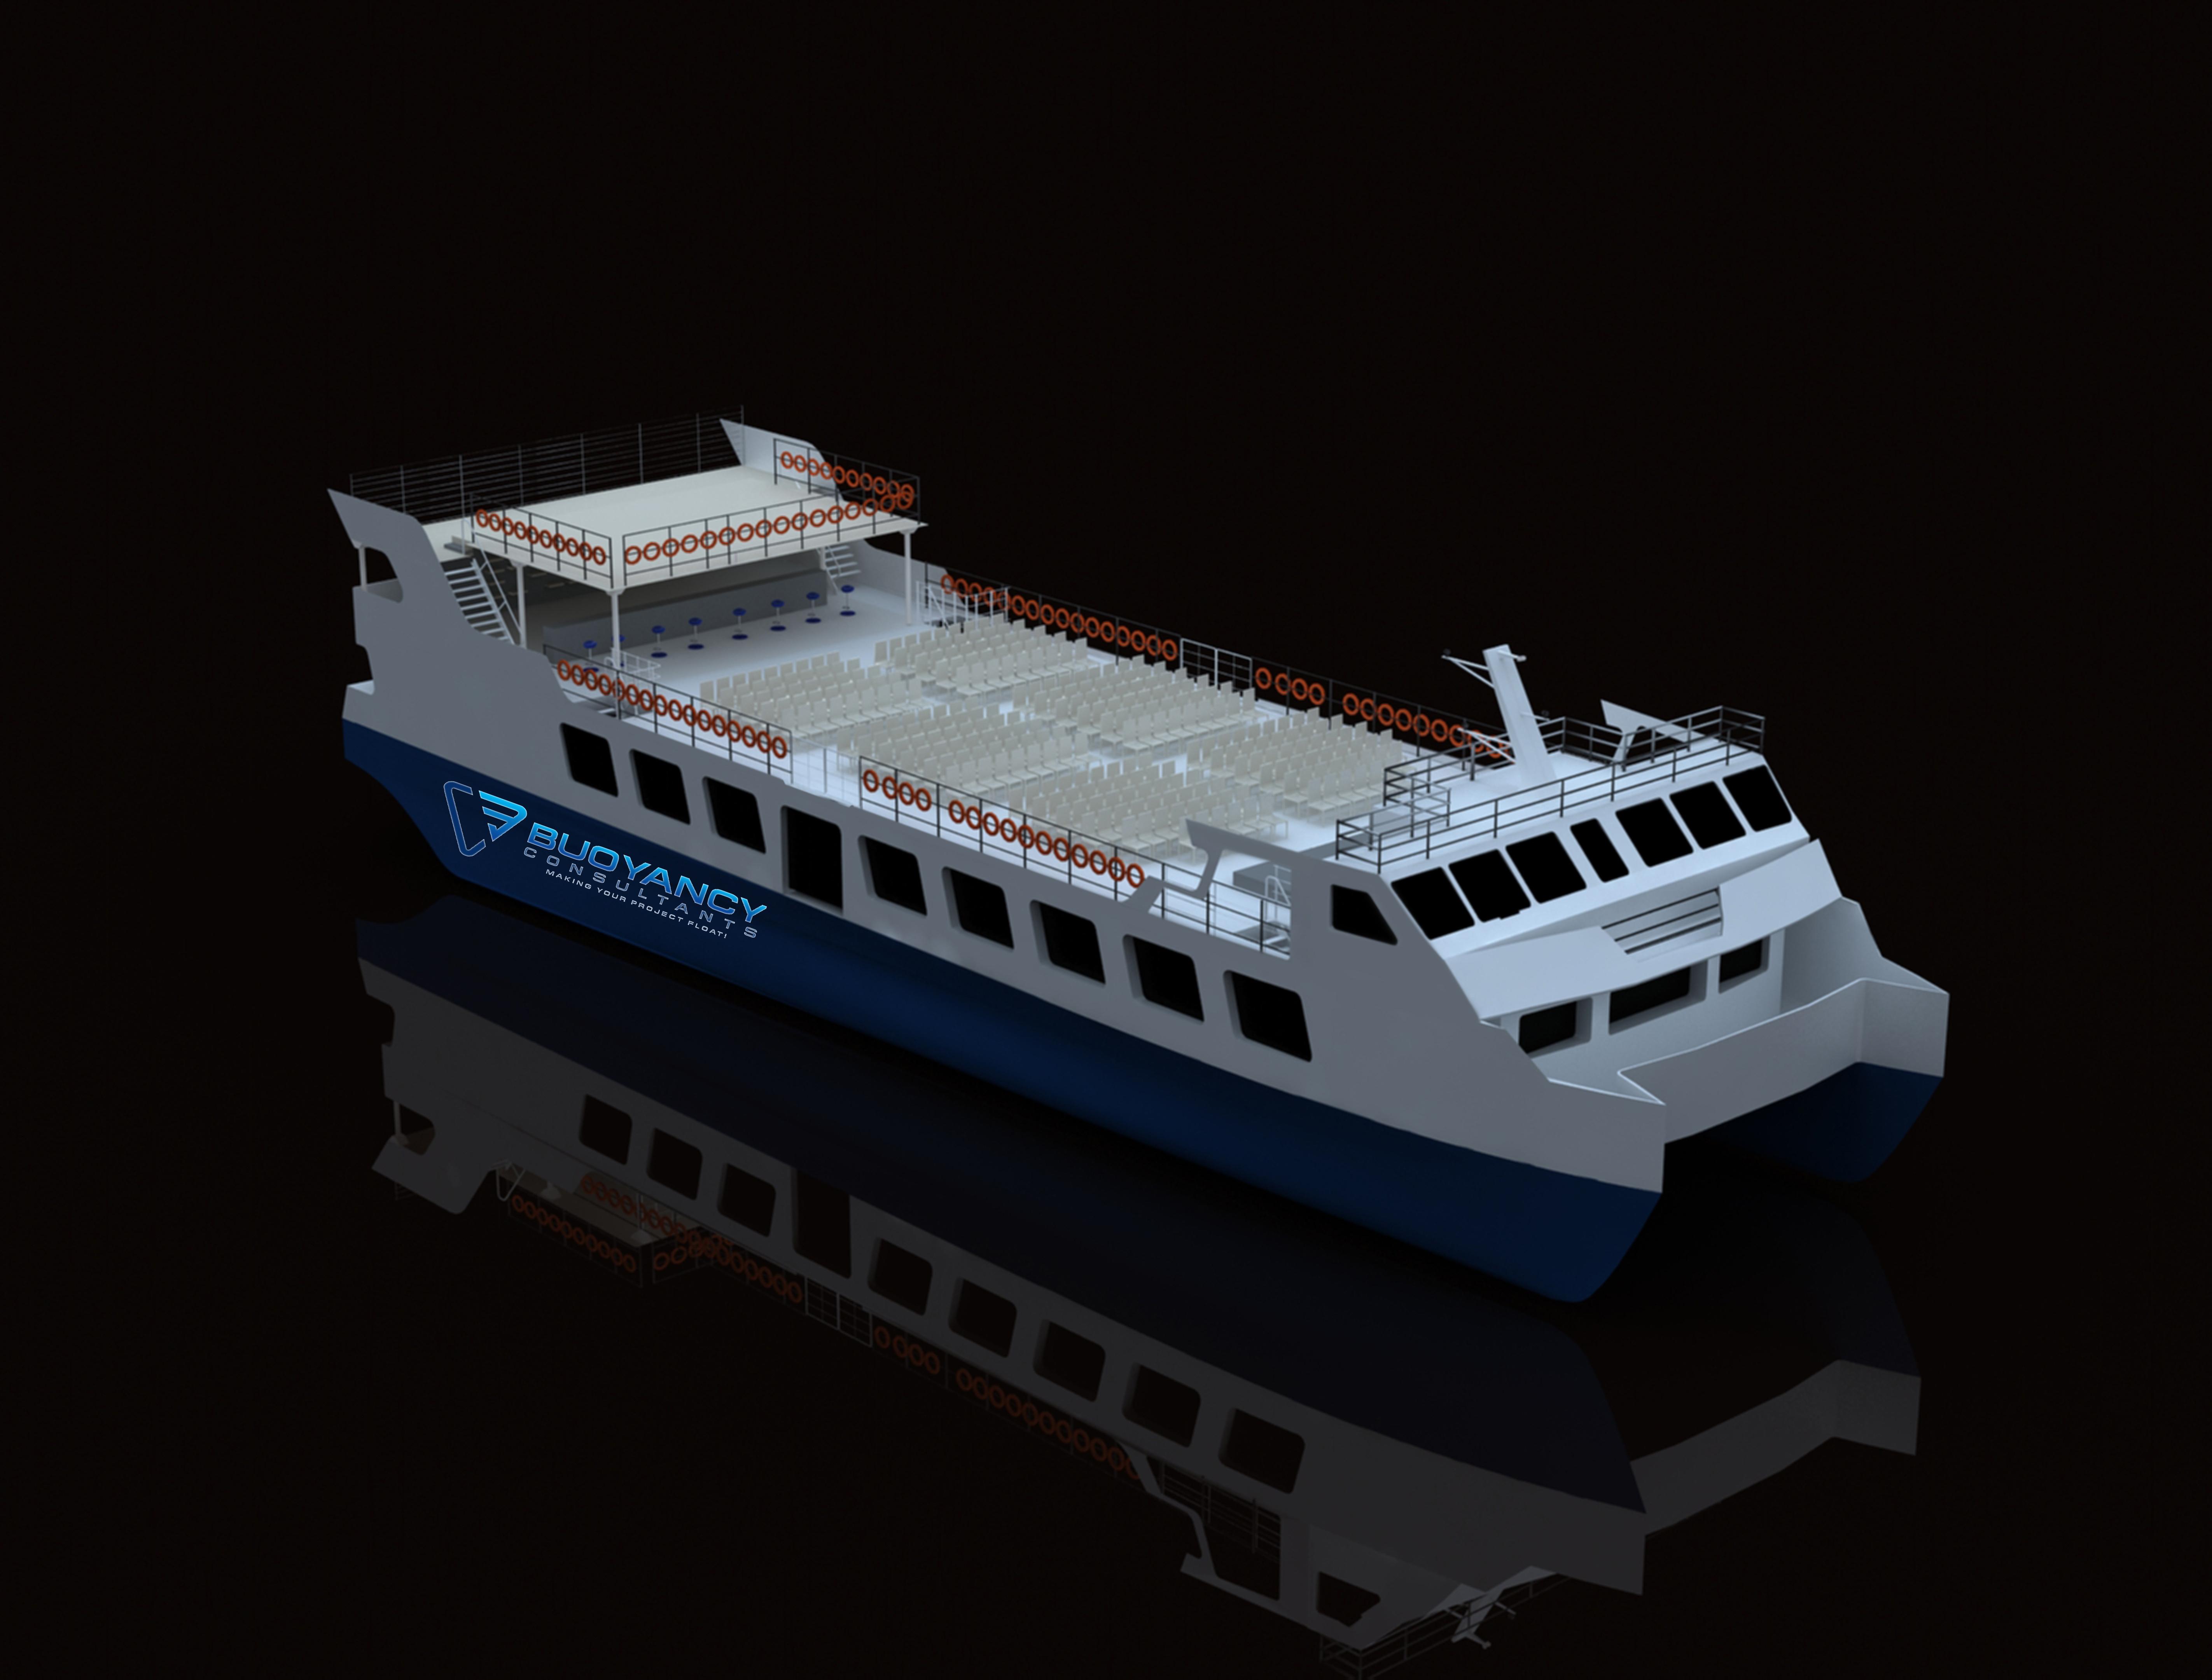 Catamaran 600 Pax